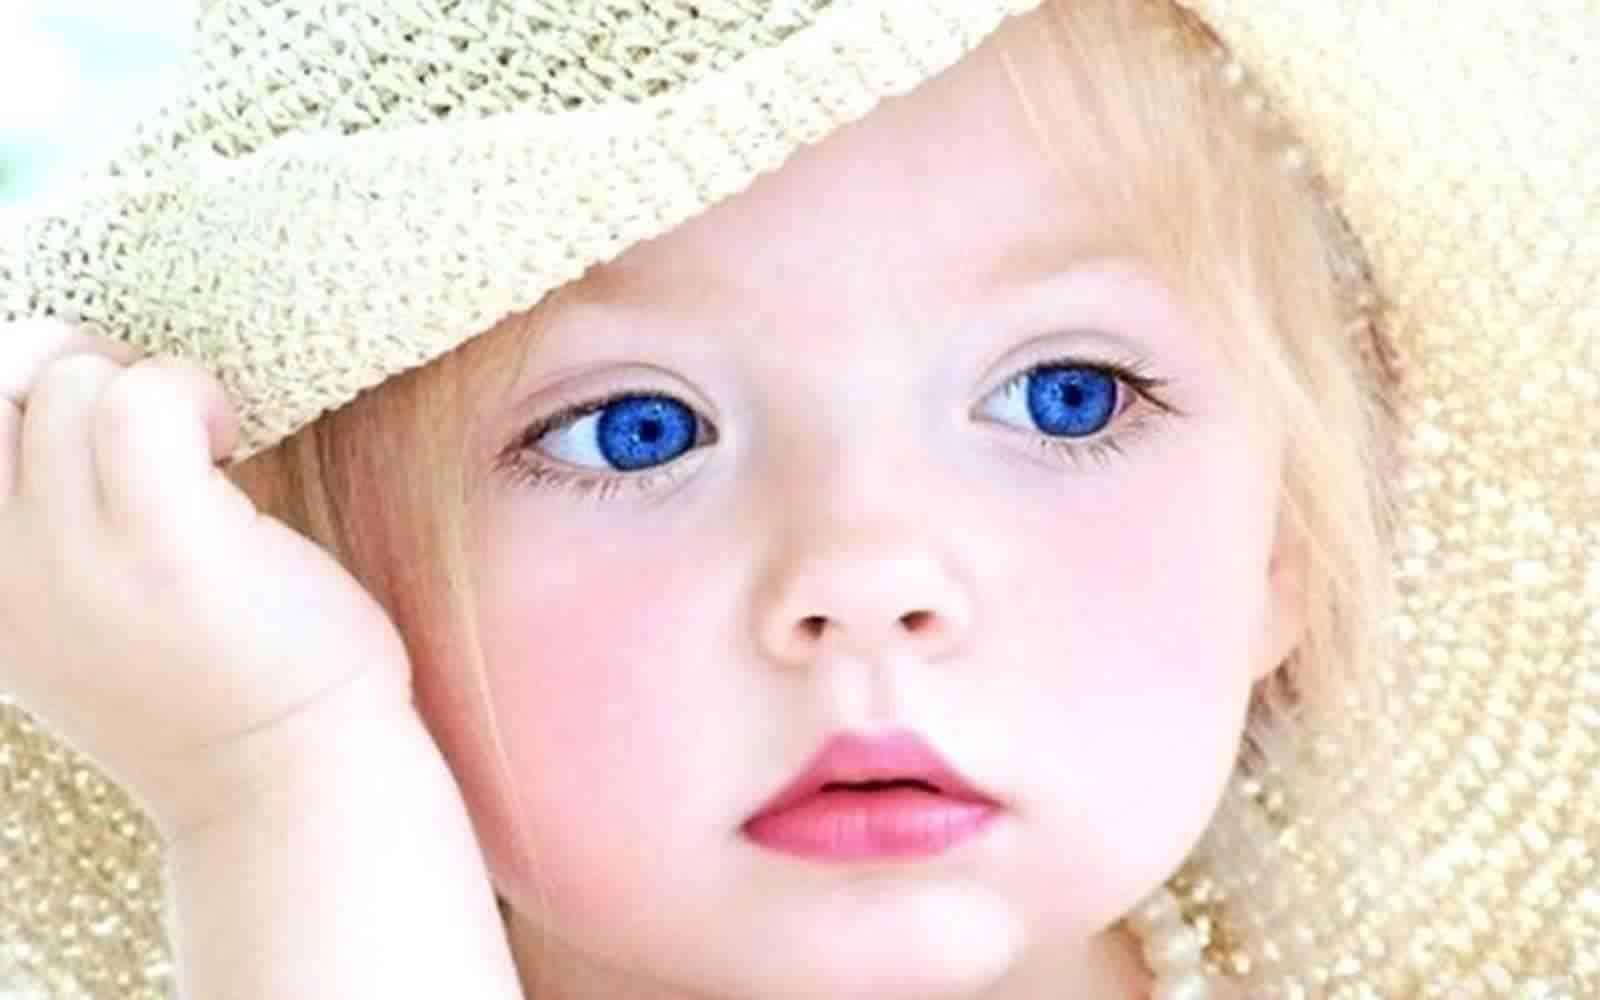 بالصور طفلة جميلة , صور اجمل طفلة جميلة 5943 9